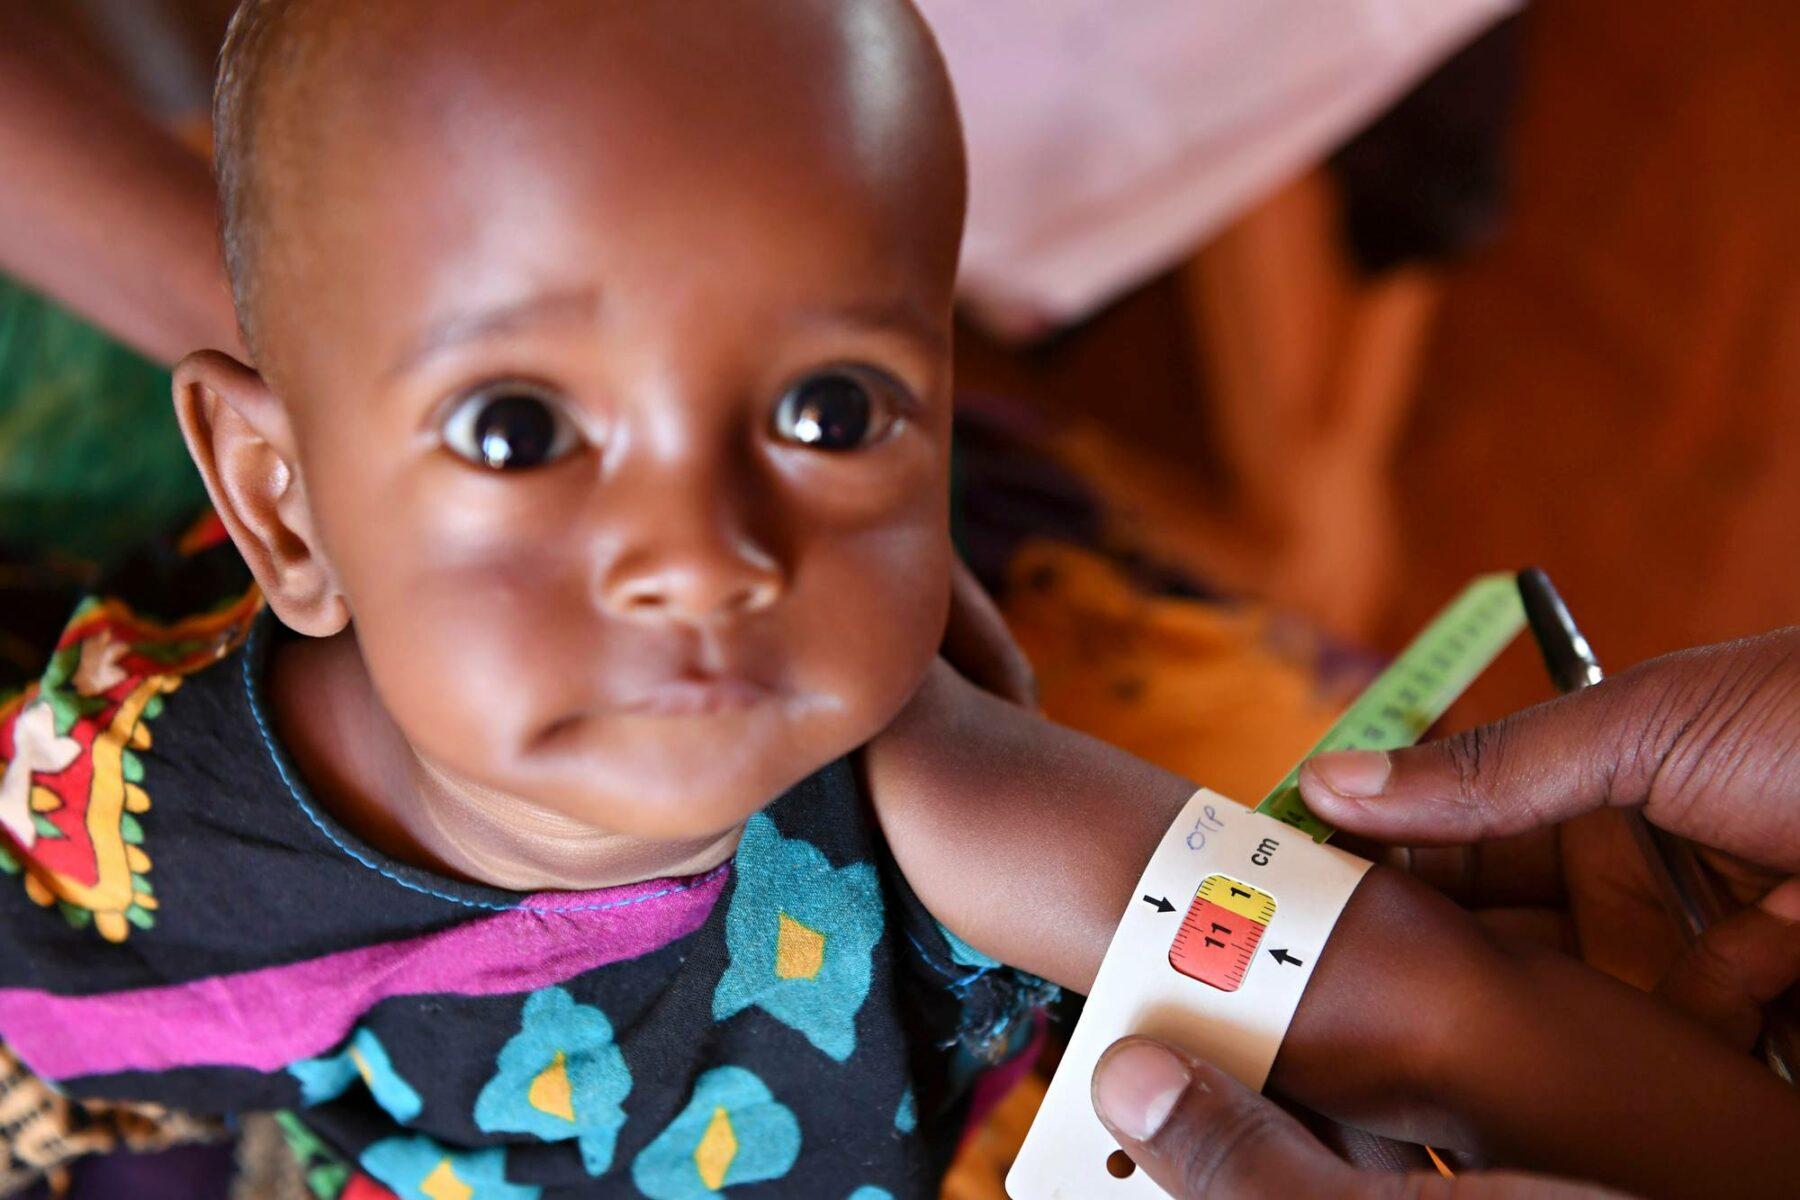 Unicefin työntekijä tutki aliravittua lasta Doolowissa Somaliassa maaliskuussa 2017.